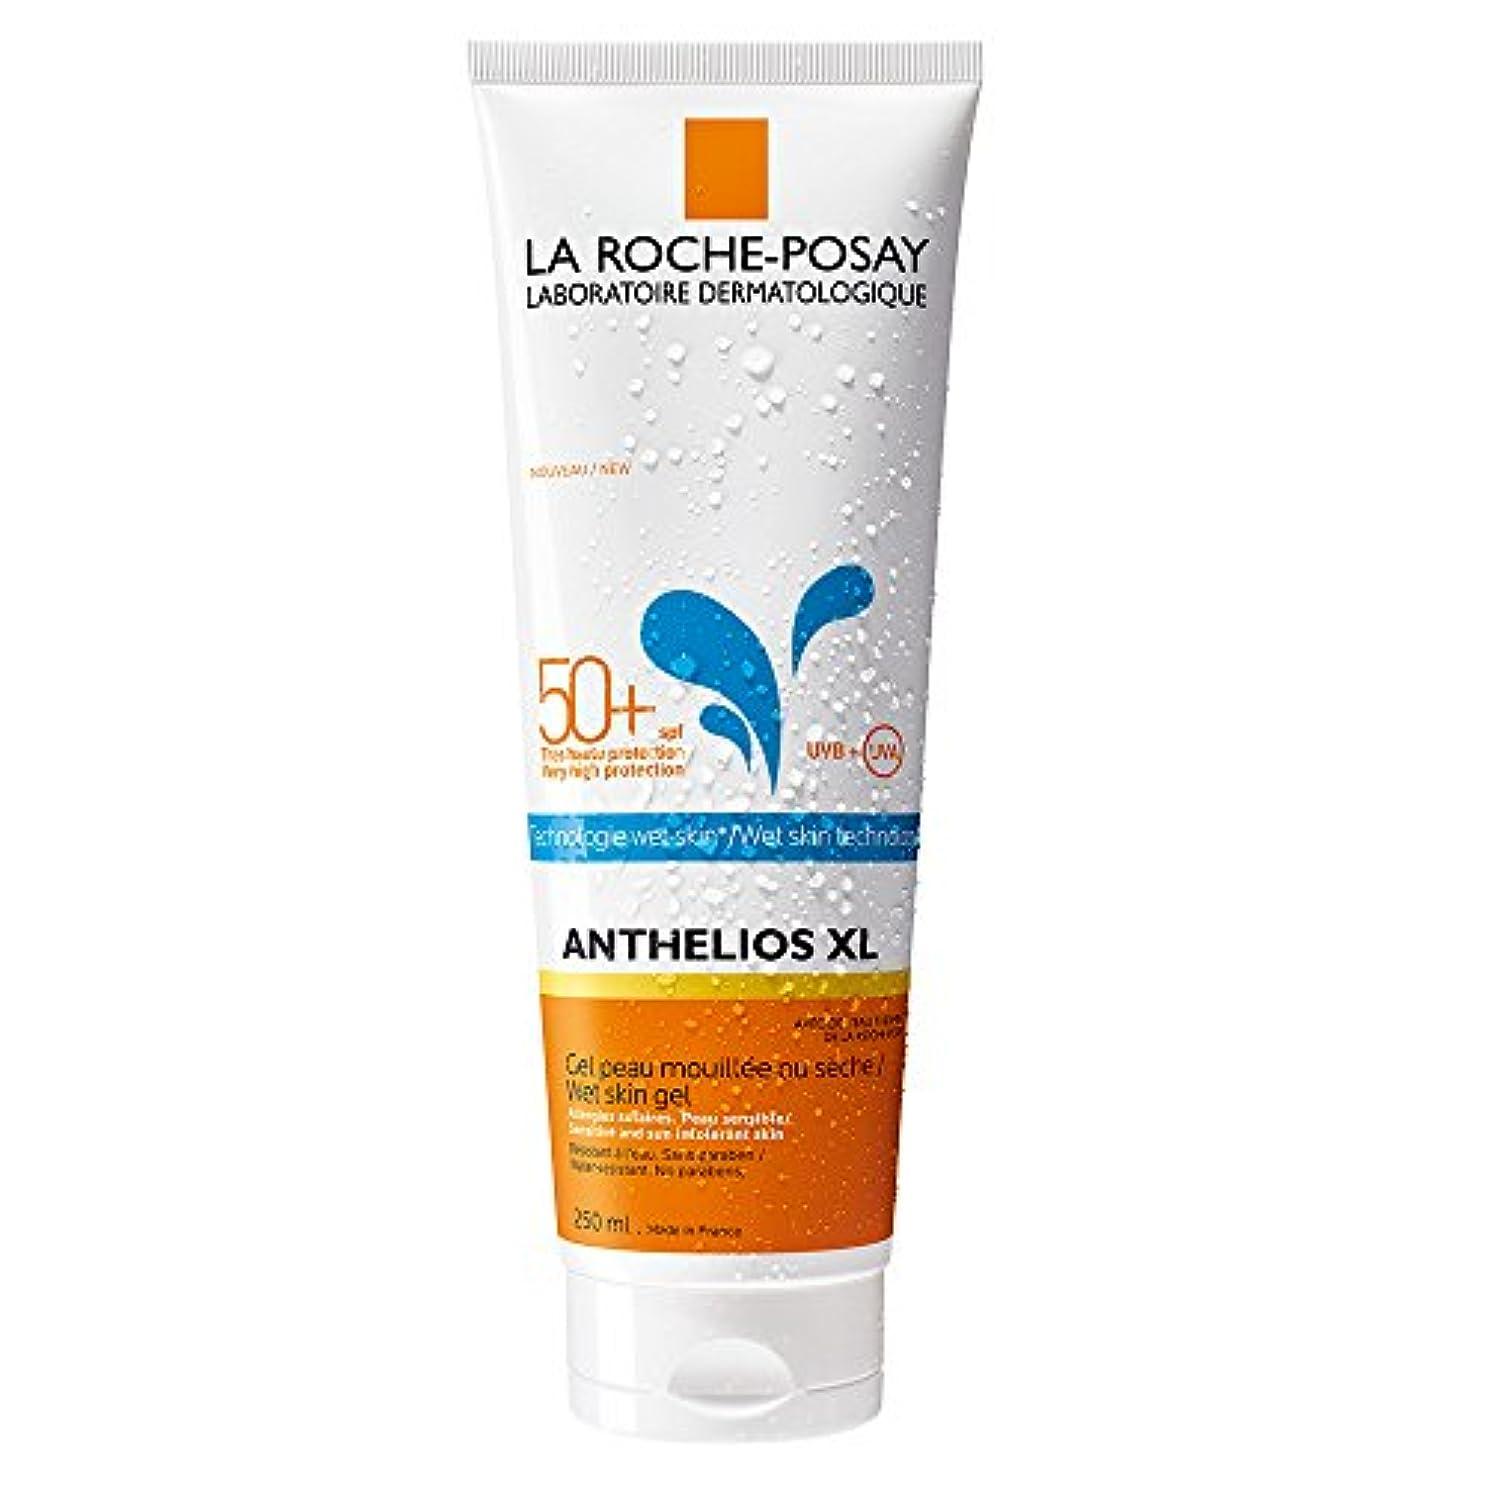 限られた統計的マイルドLa Roche-Posay(ラロッシュポゼ) 【濡れた肌にも使える日やけ止めジェルクリーム】アンテリオス XL ウェットスキン SPF50+/PA++++ 250mL <フェイス?ボディ用>